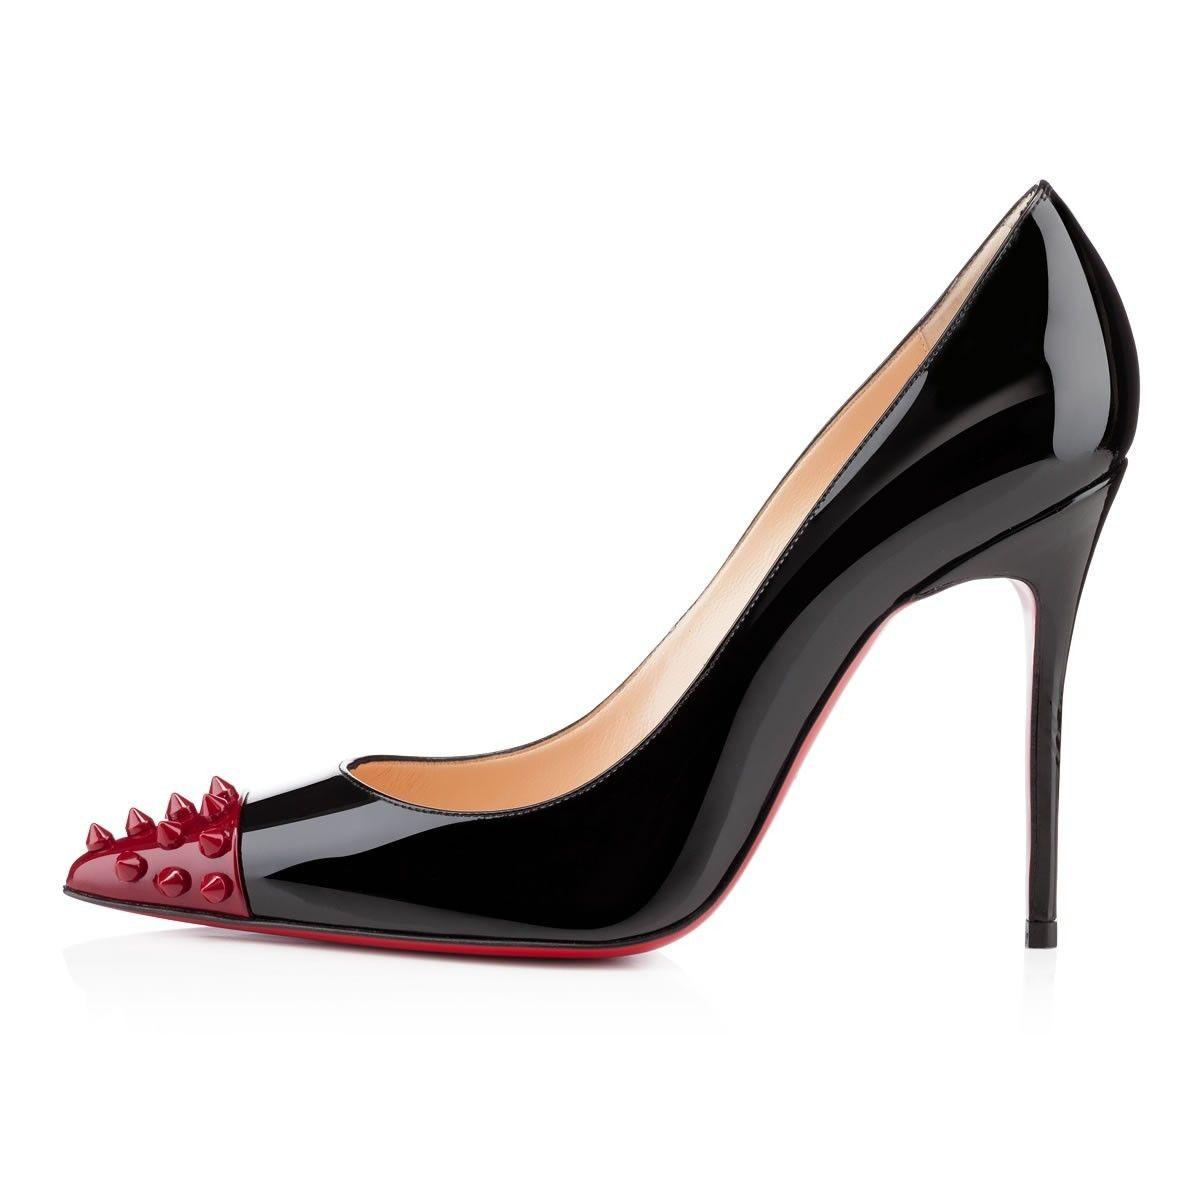 nouvelle collection fff11 6feb6 Chaussure Louboutin Pas Cher Geo Pump Vernis 100mm Noir1 ...